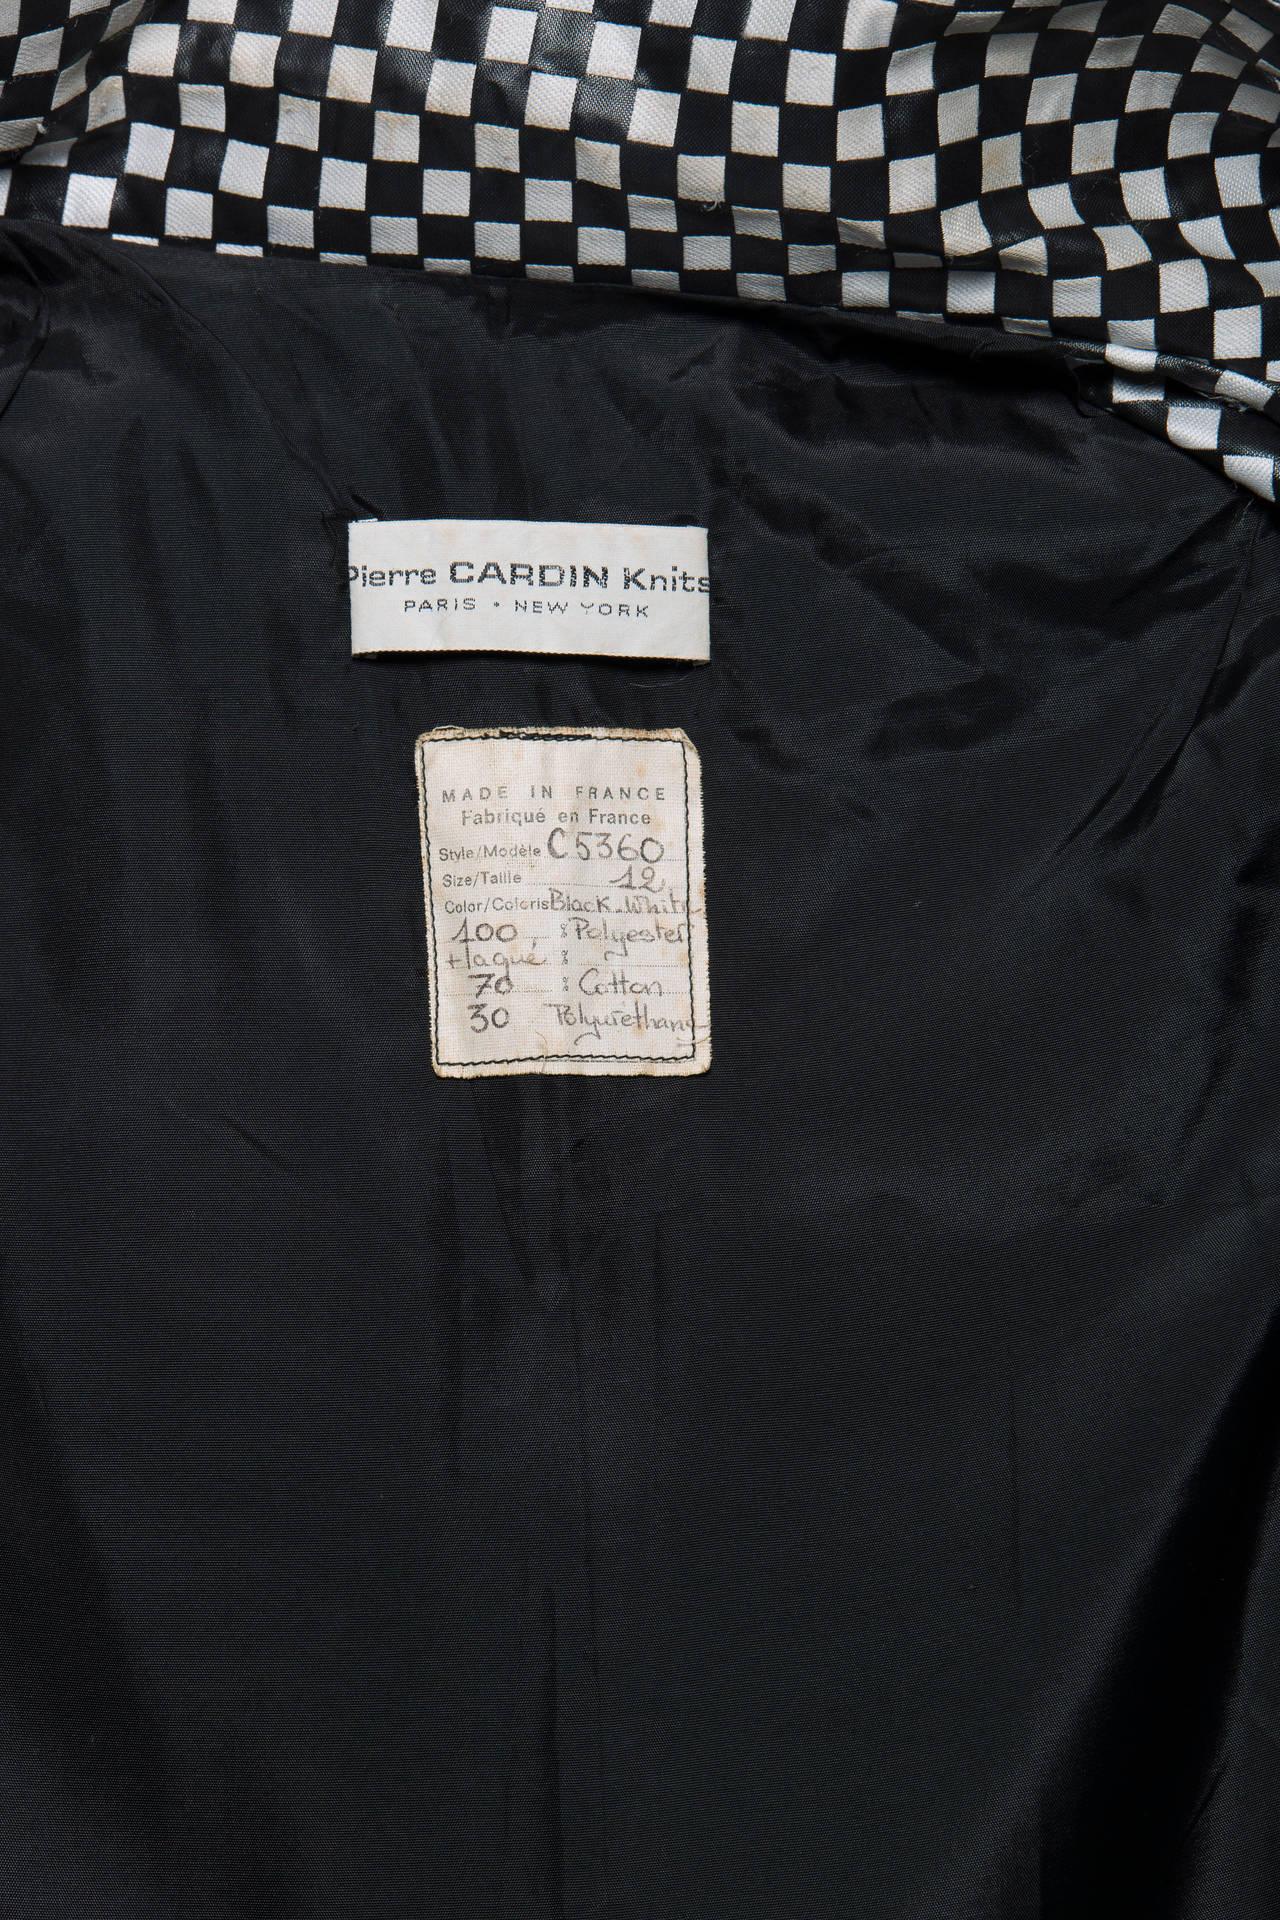 Pierre Cardin Circa 1960s For Sale 5